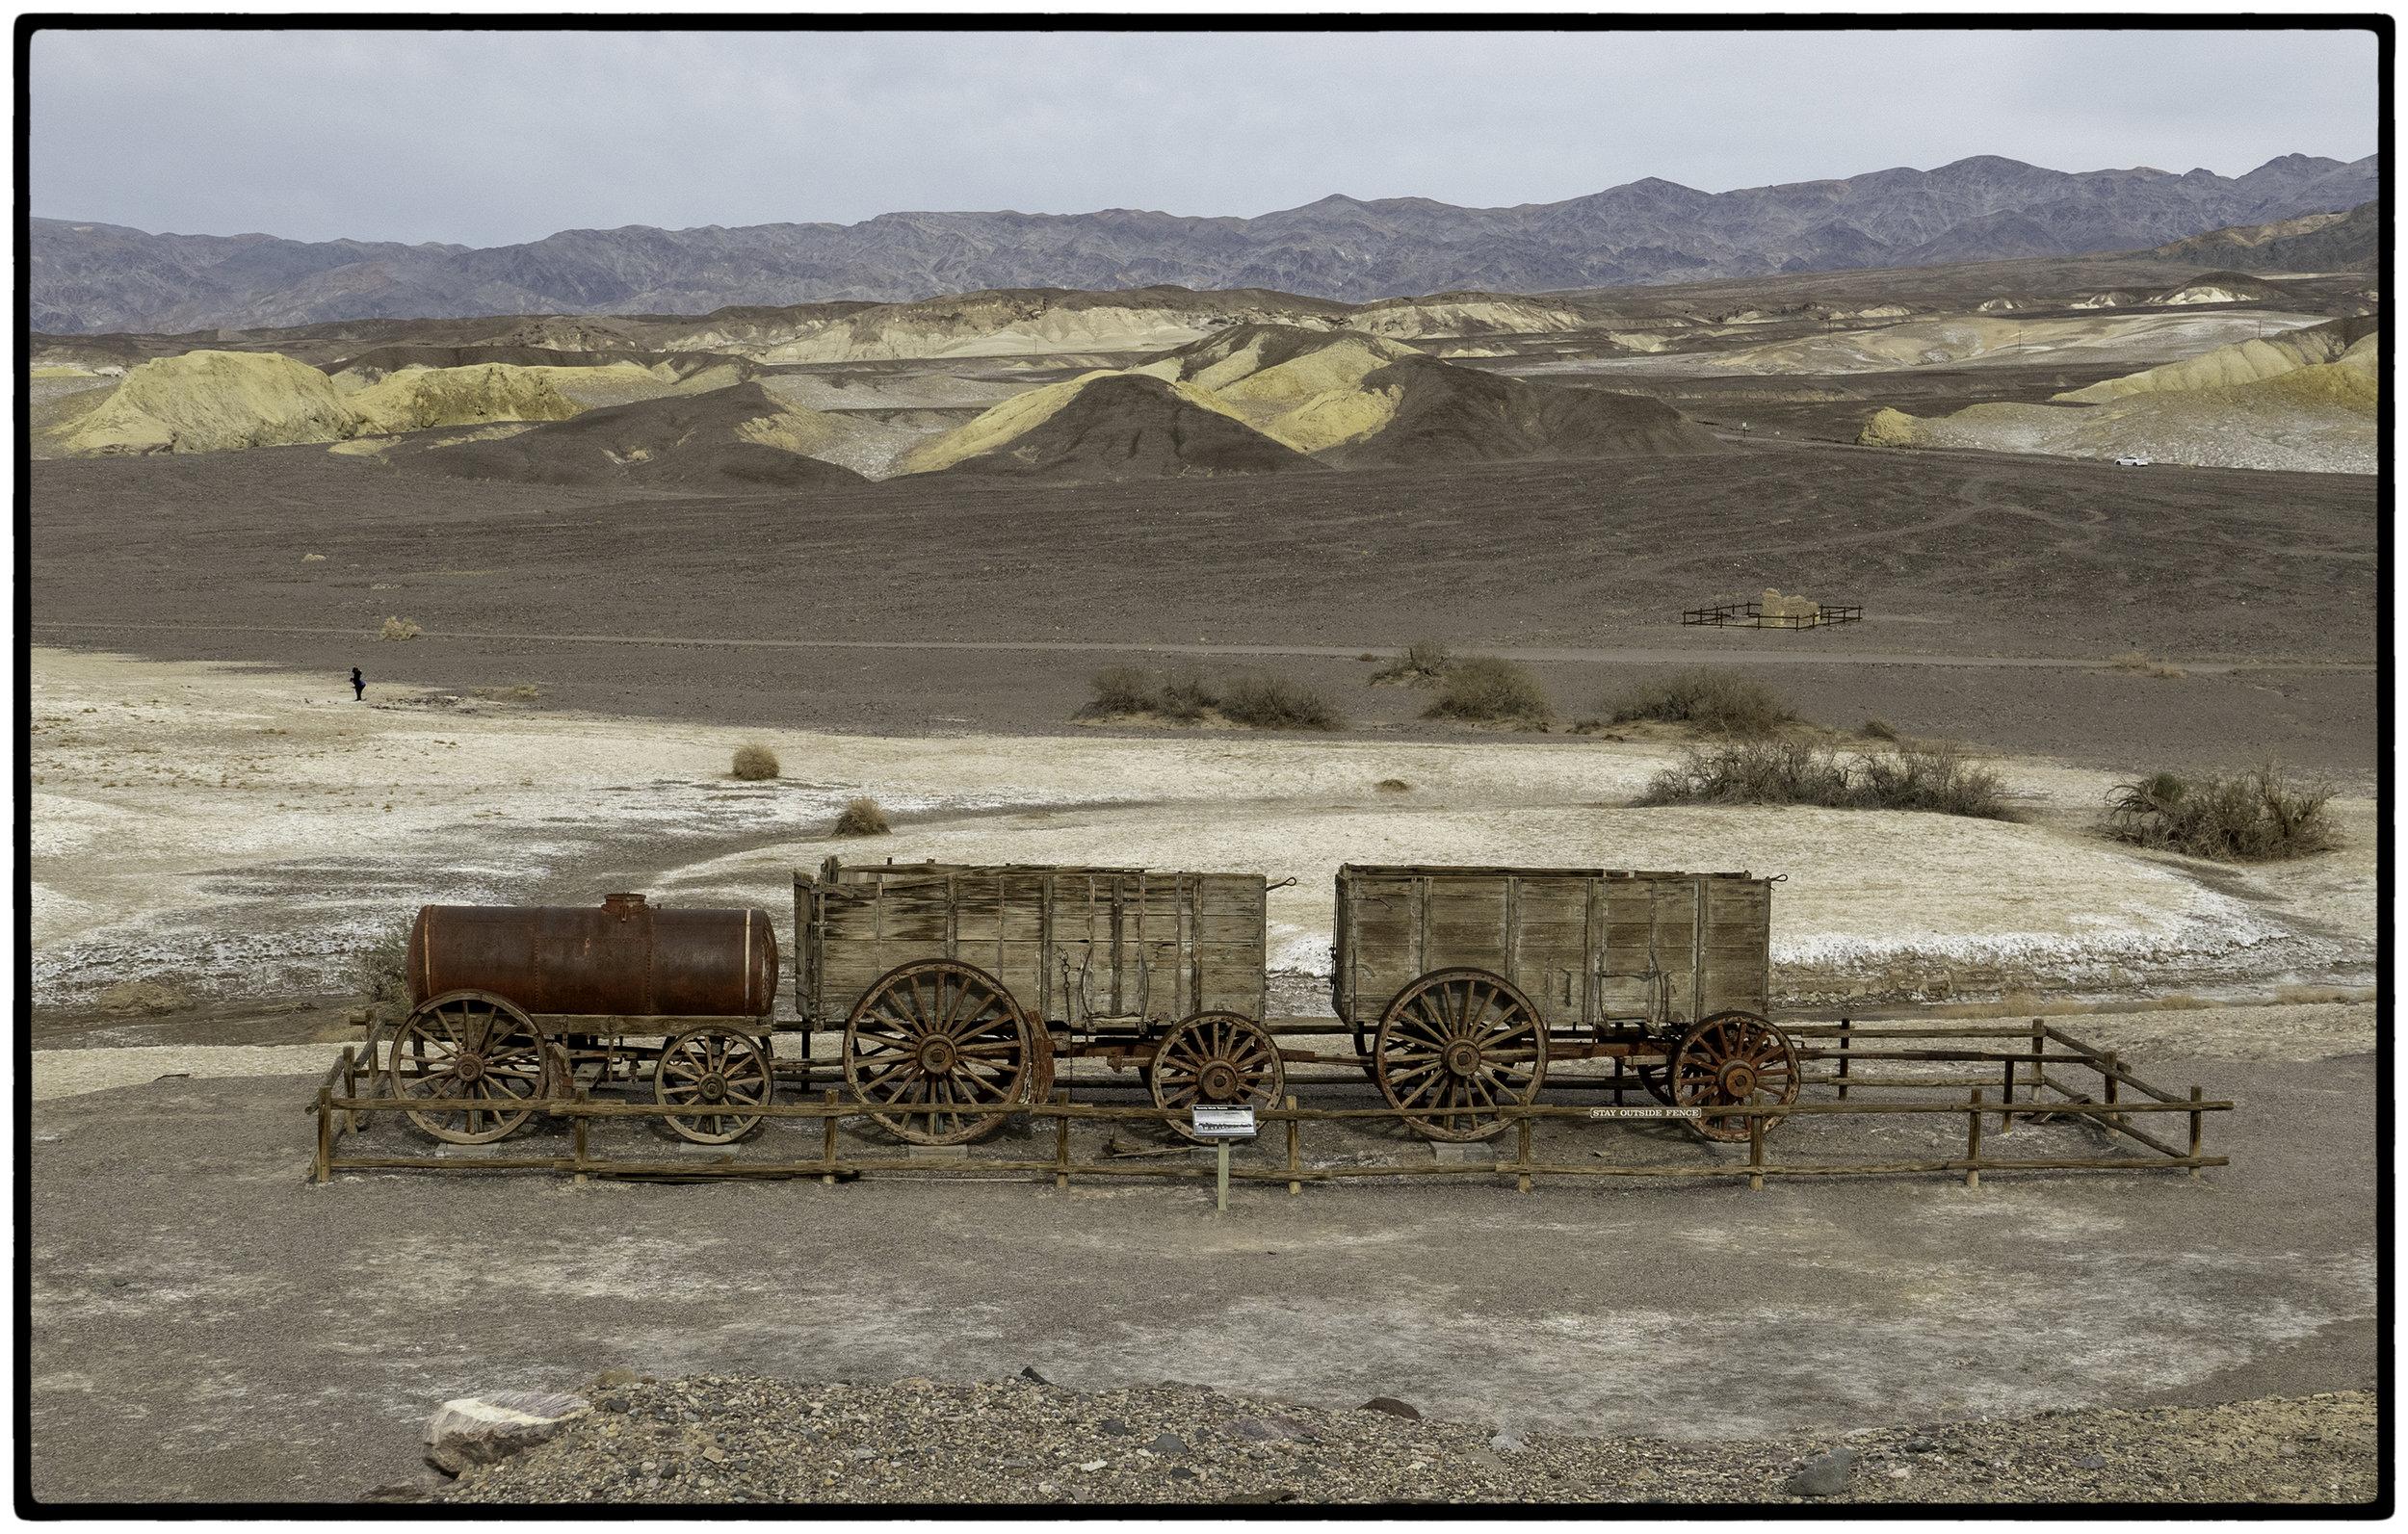 20 Mule Train